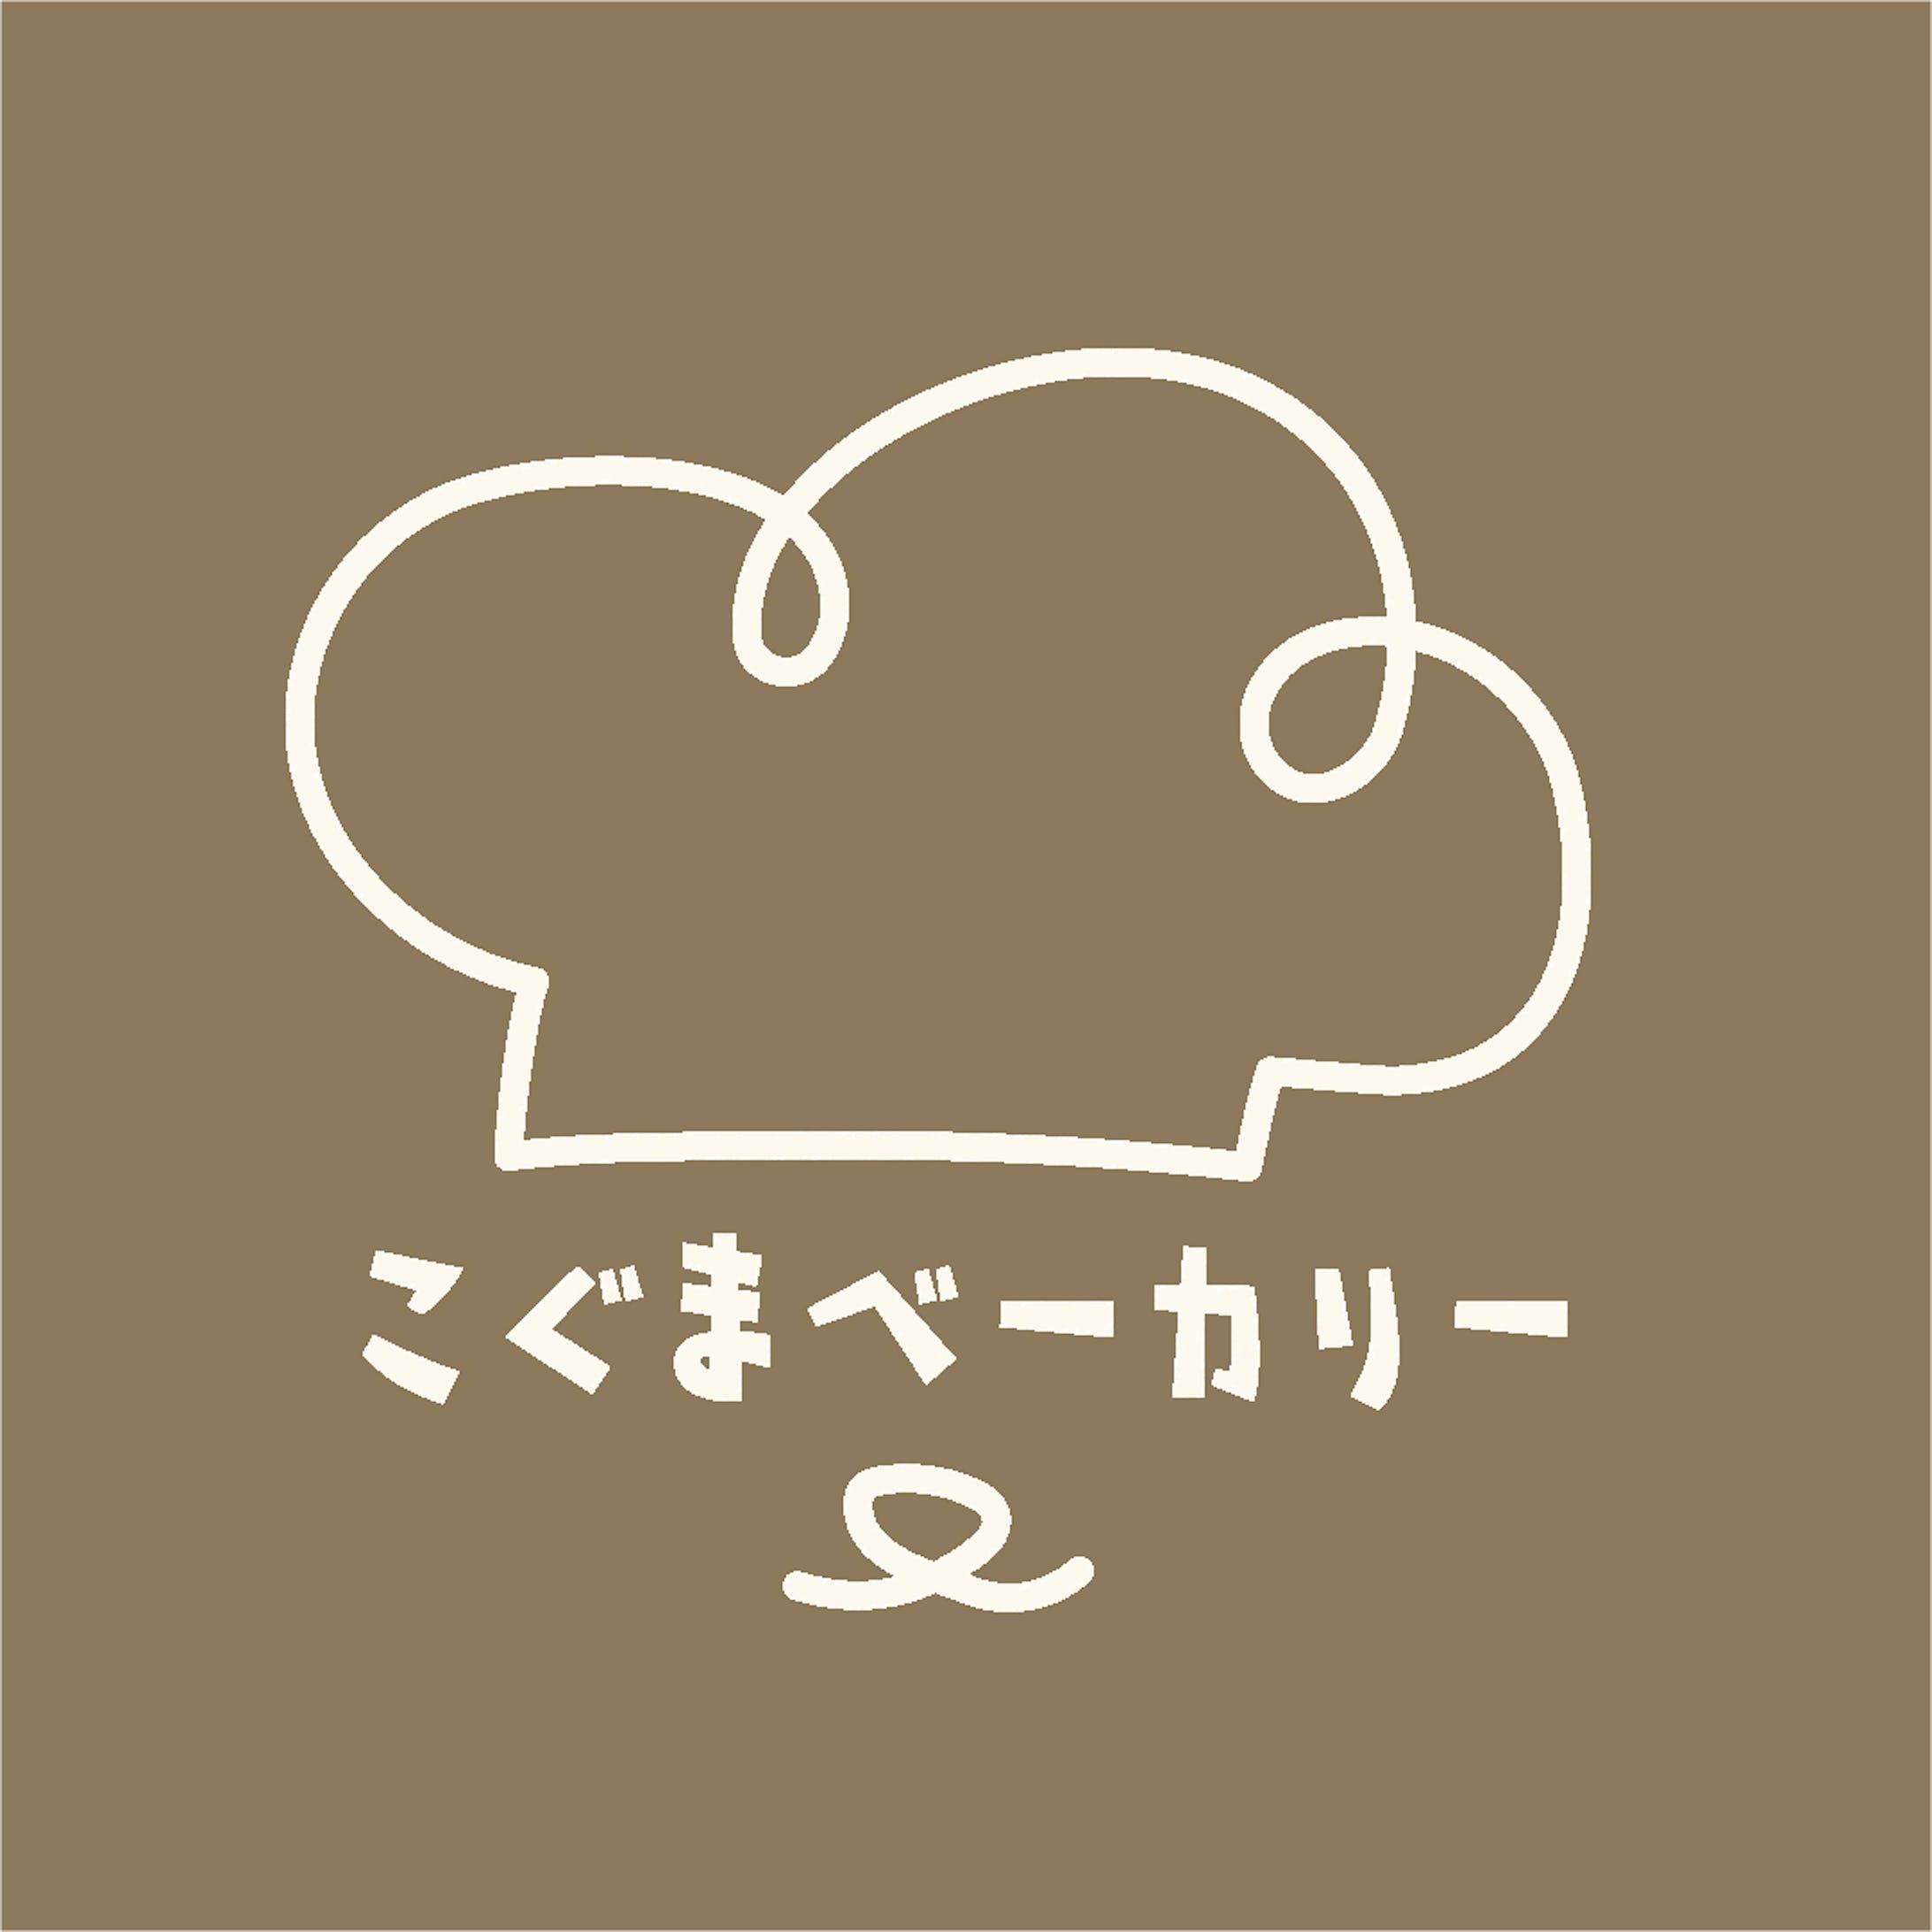 こぐまベーカリー|ブランディングデザイン-3